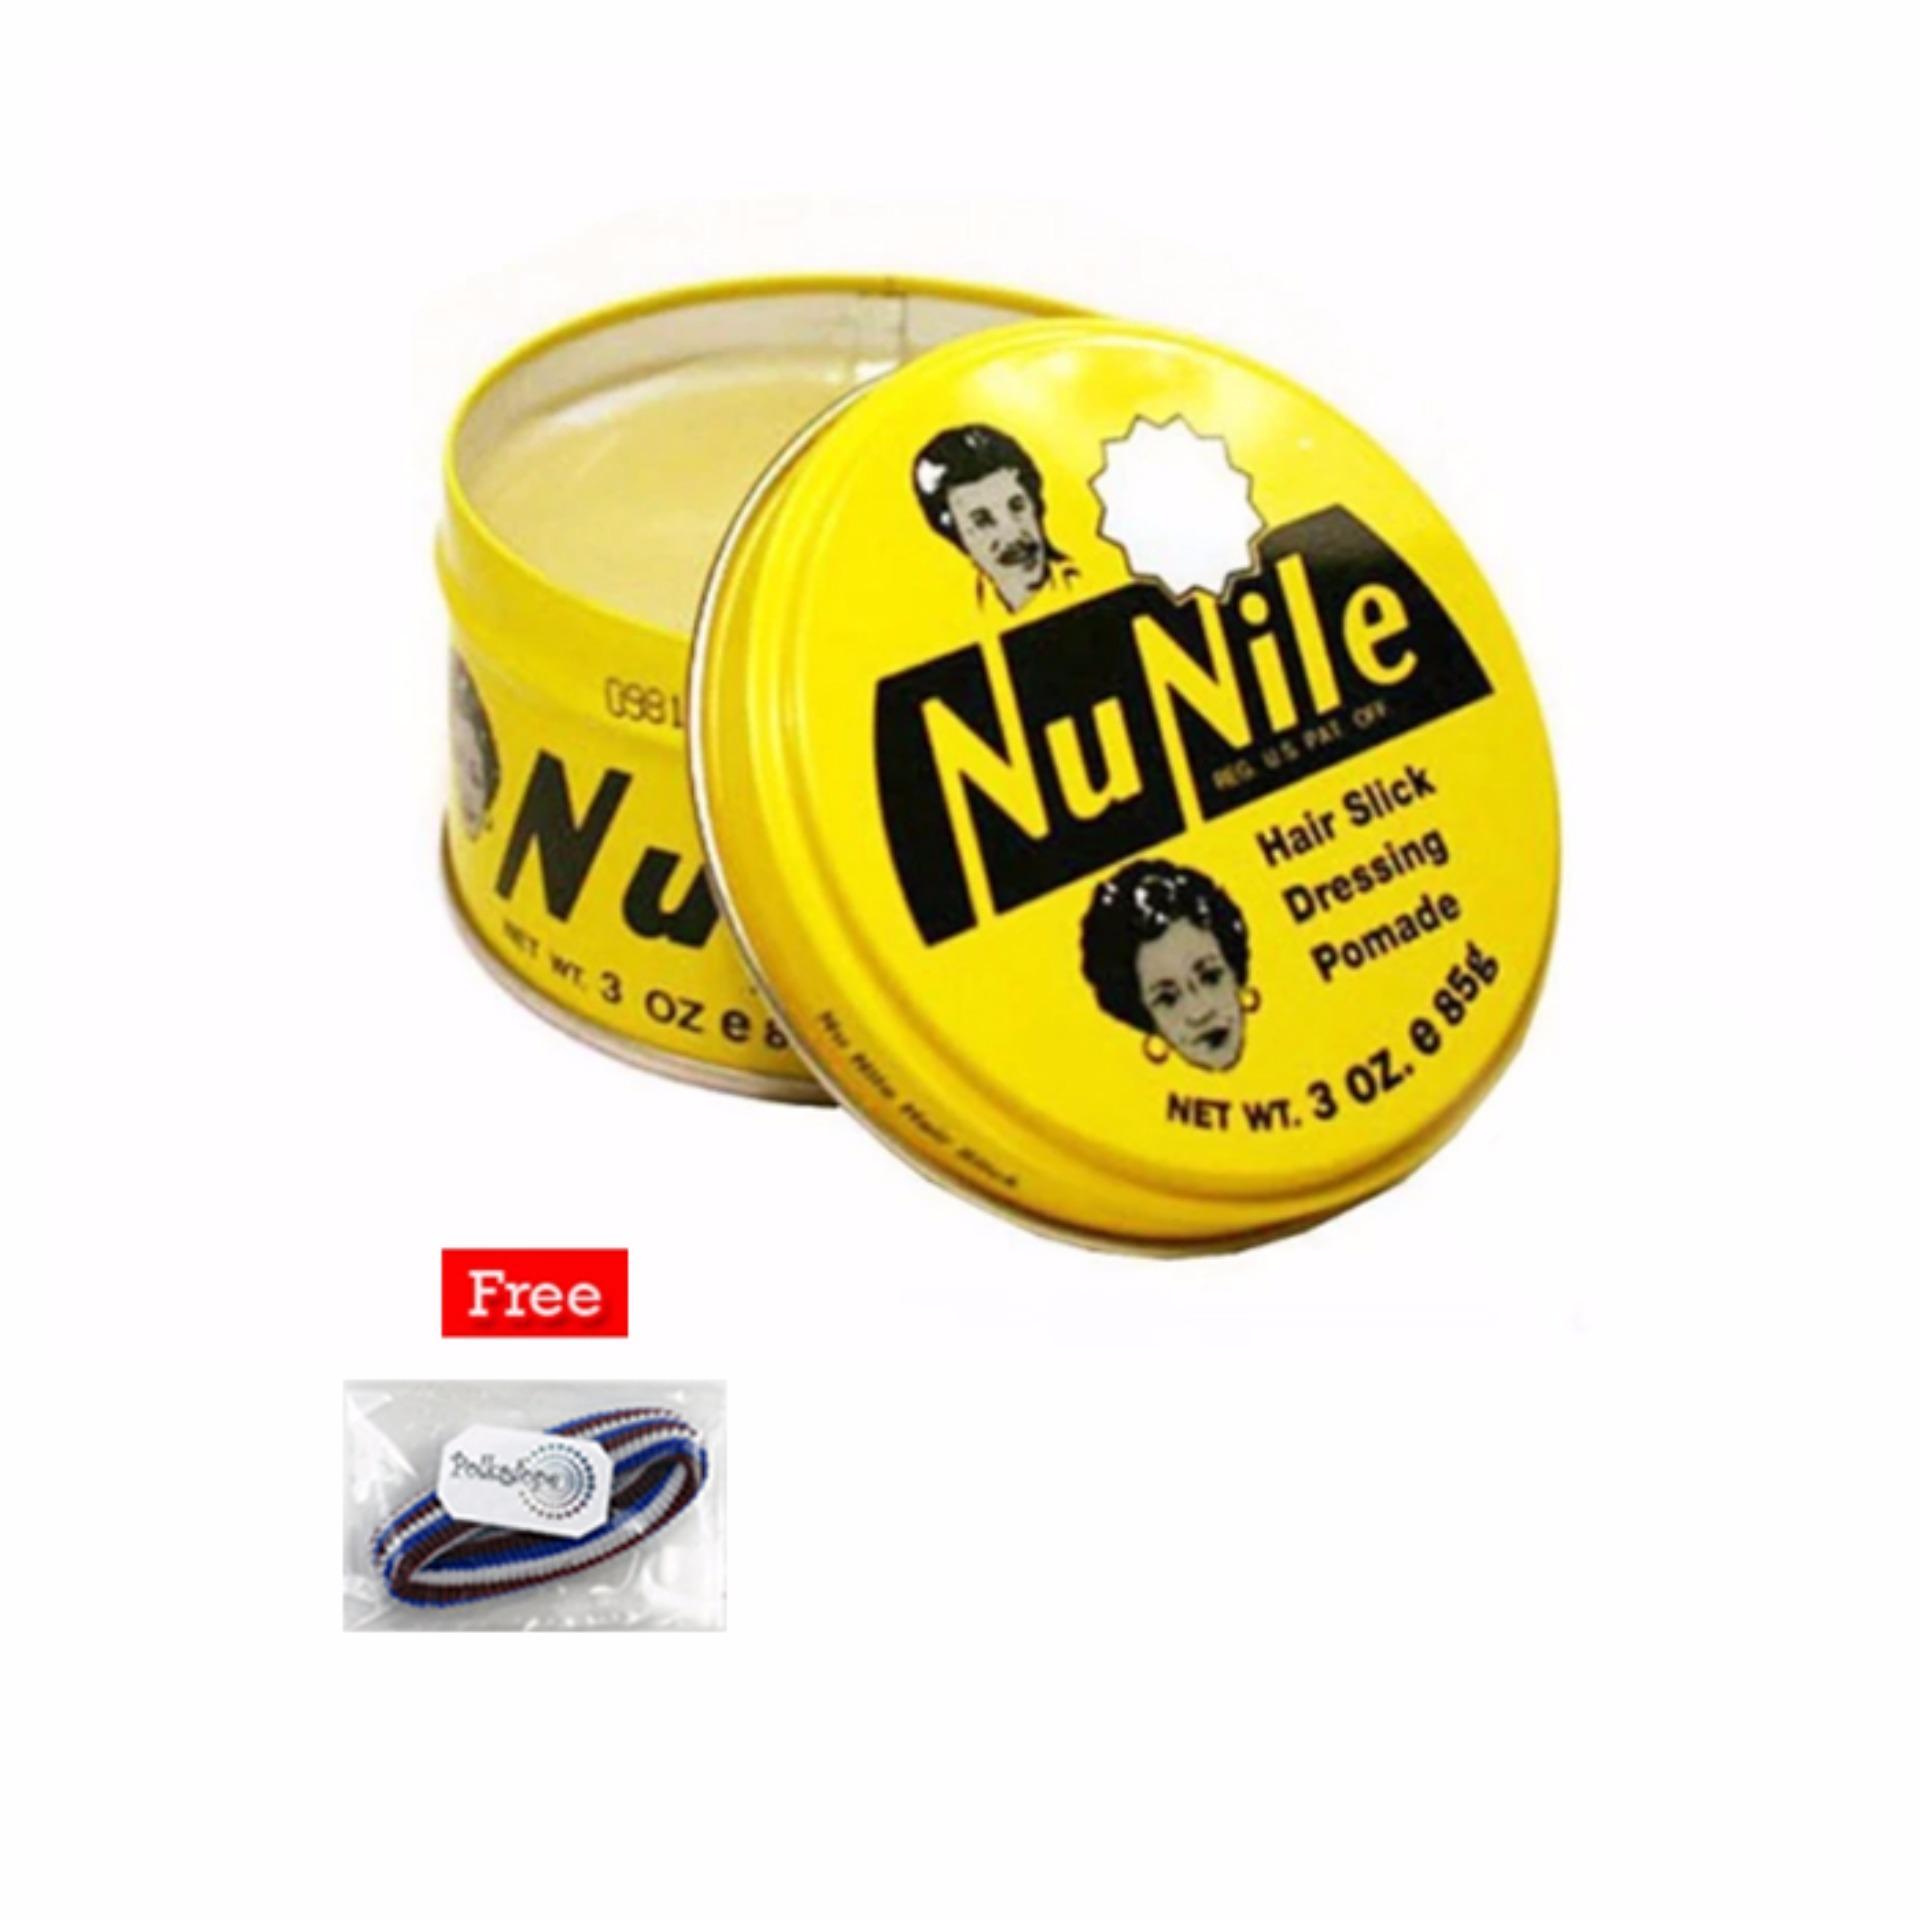 Diskon Penjualan Murrays Nu Nile Hair Dressing Pomade Sisir Edgewax Black Extreme Hold Flash Sale Saku 1pcs Free Ikat Rambut